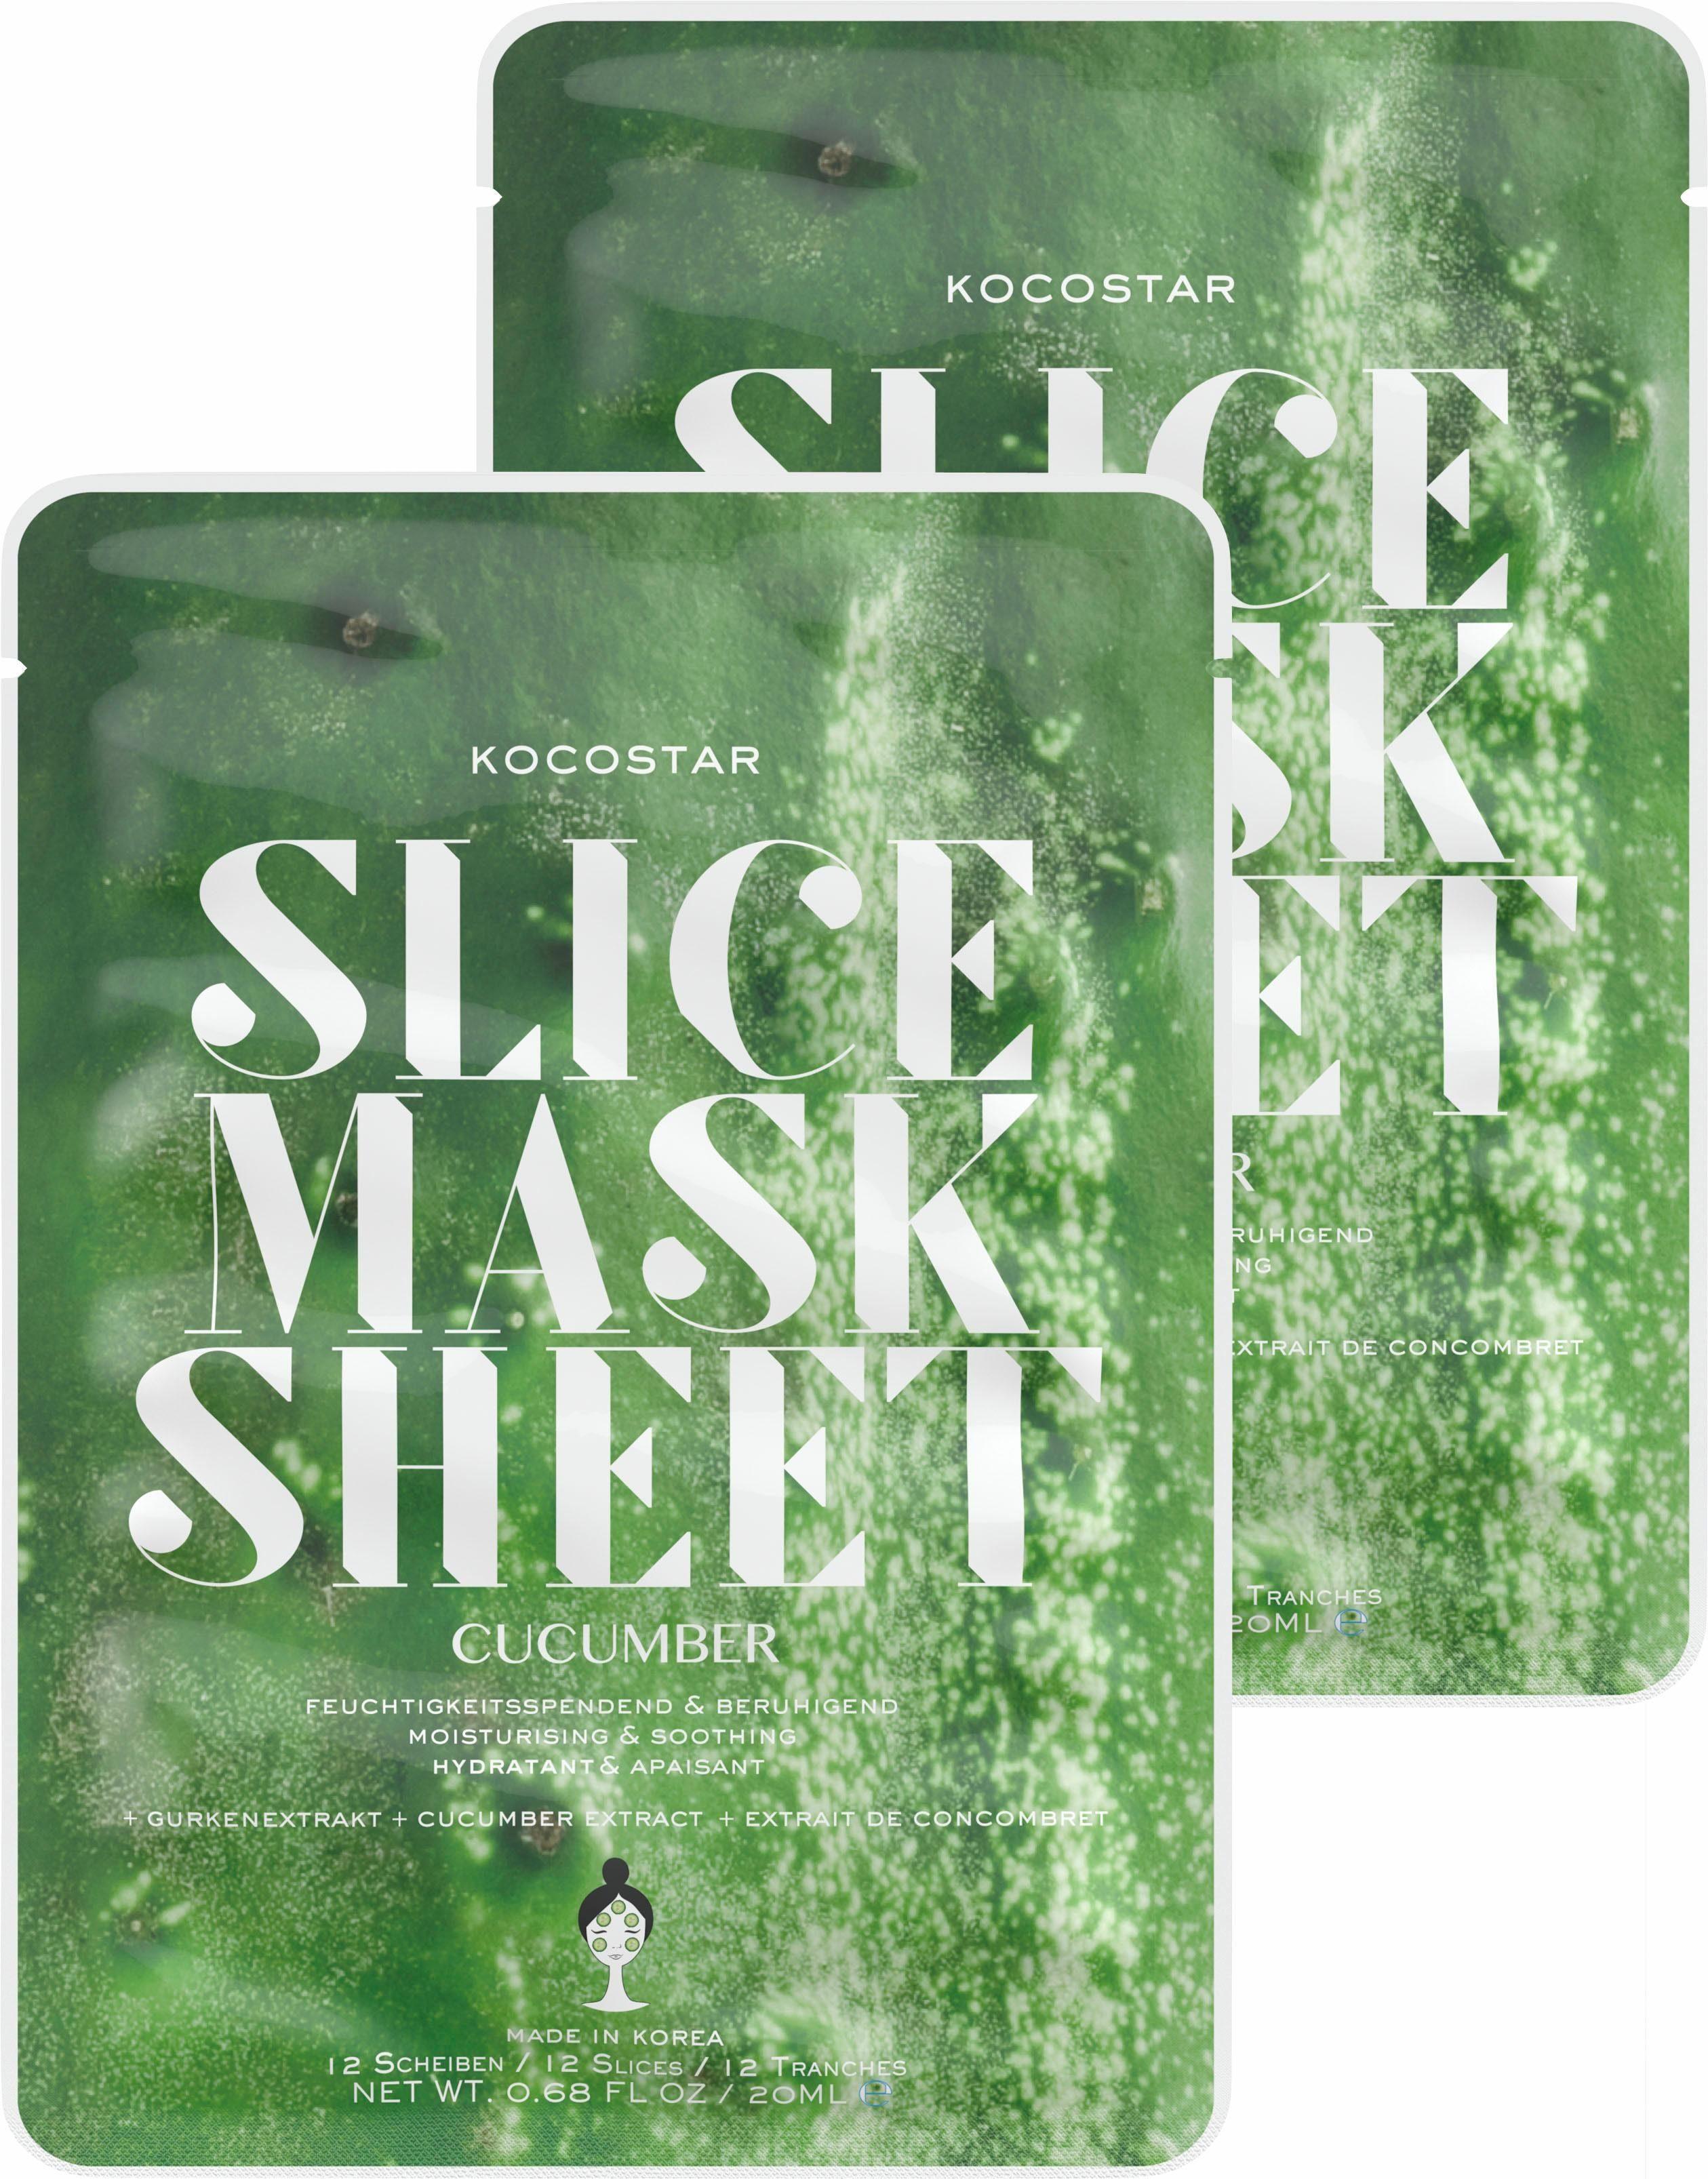 Kocostar, »Slice Mask Sheet Cucumber«, feuchtigkeitsspende und beruhigende Gesichtsmaske (2-tlg.)